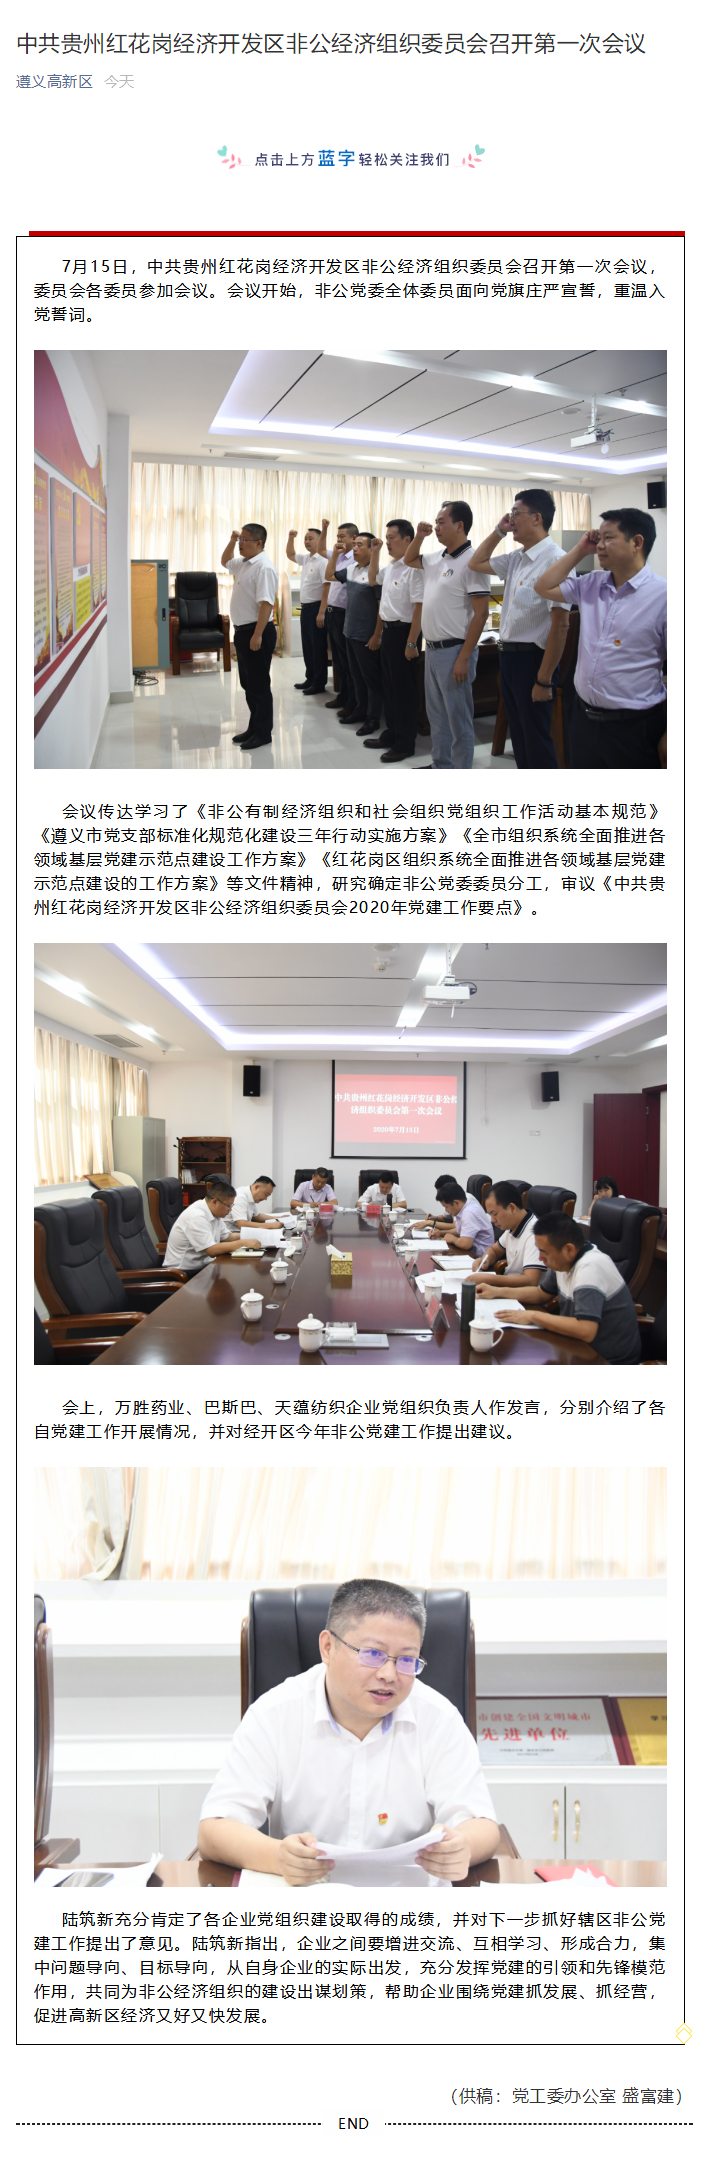 中共贵州红花岗经济开发区非公经济组织委员会召开第一次会议.jpg